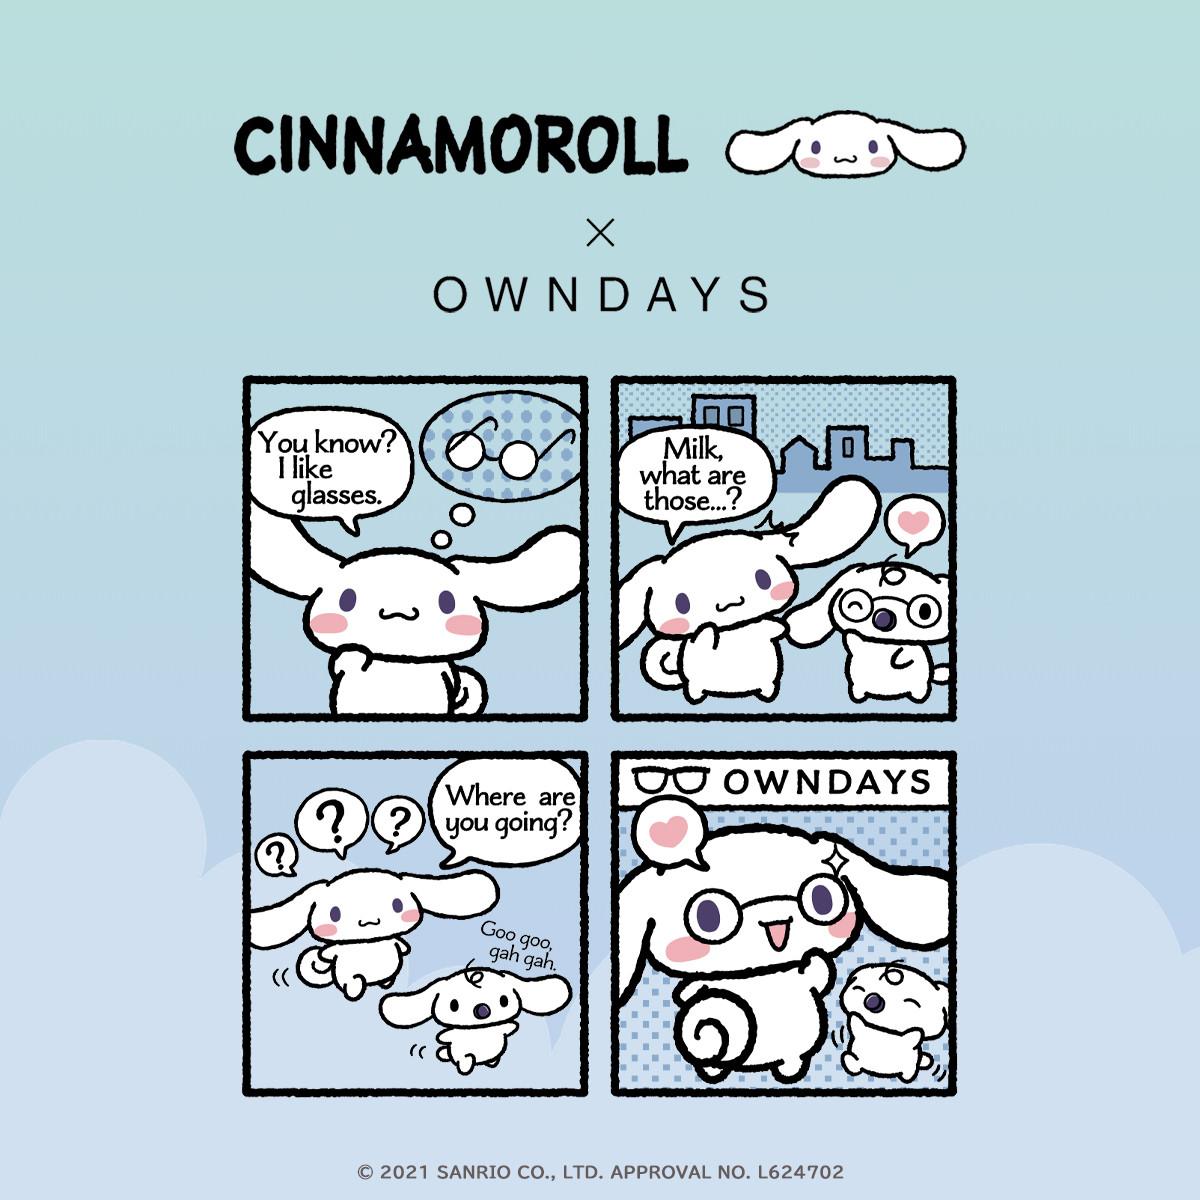 Cinnamoroll × OWNDAYS